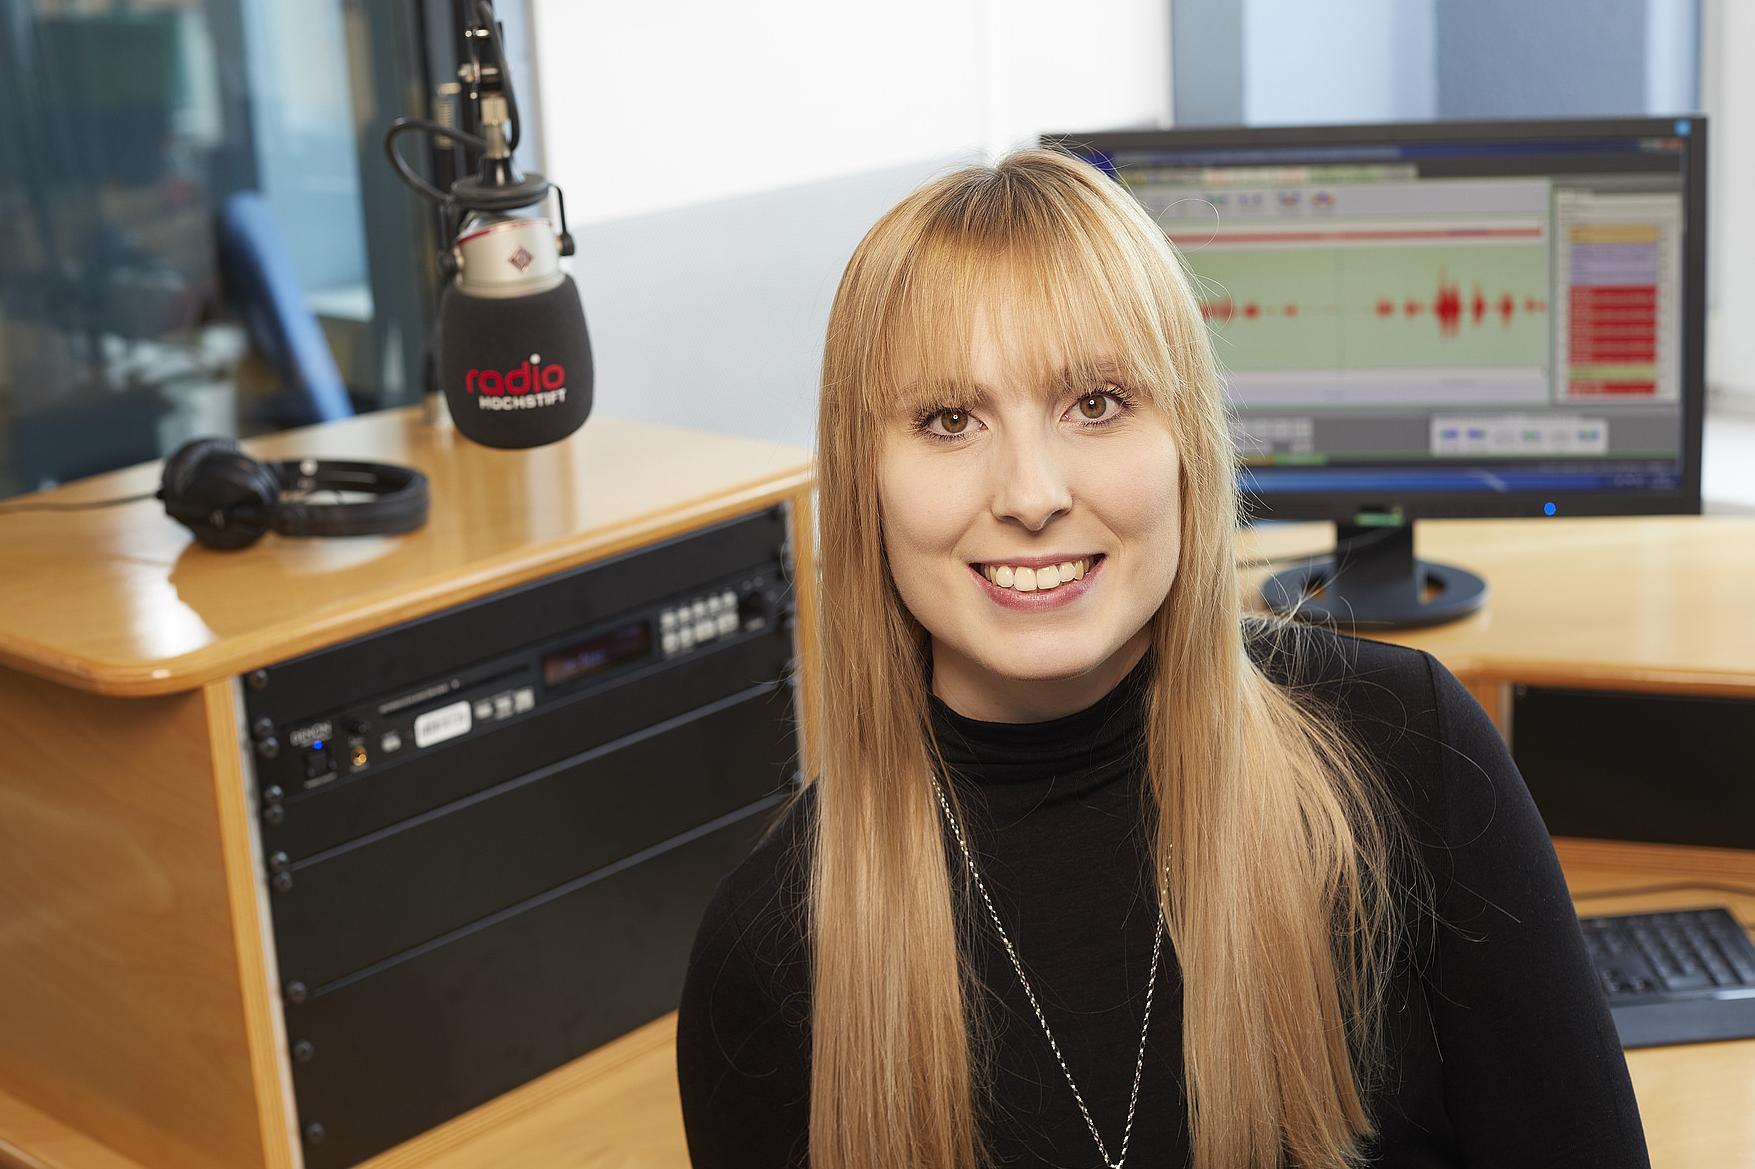 Julia Kleinekemper